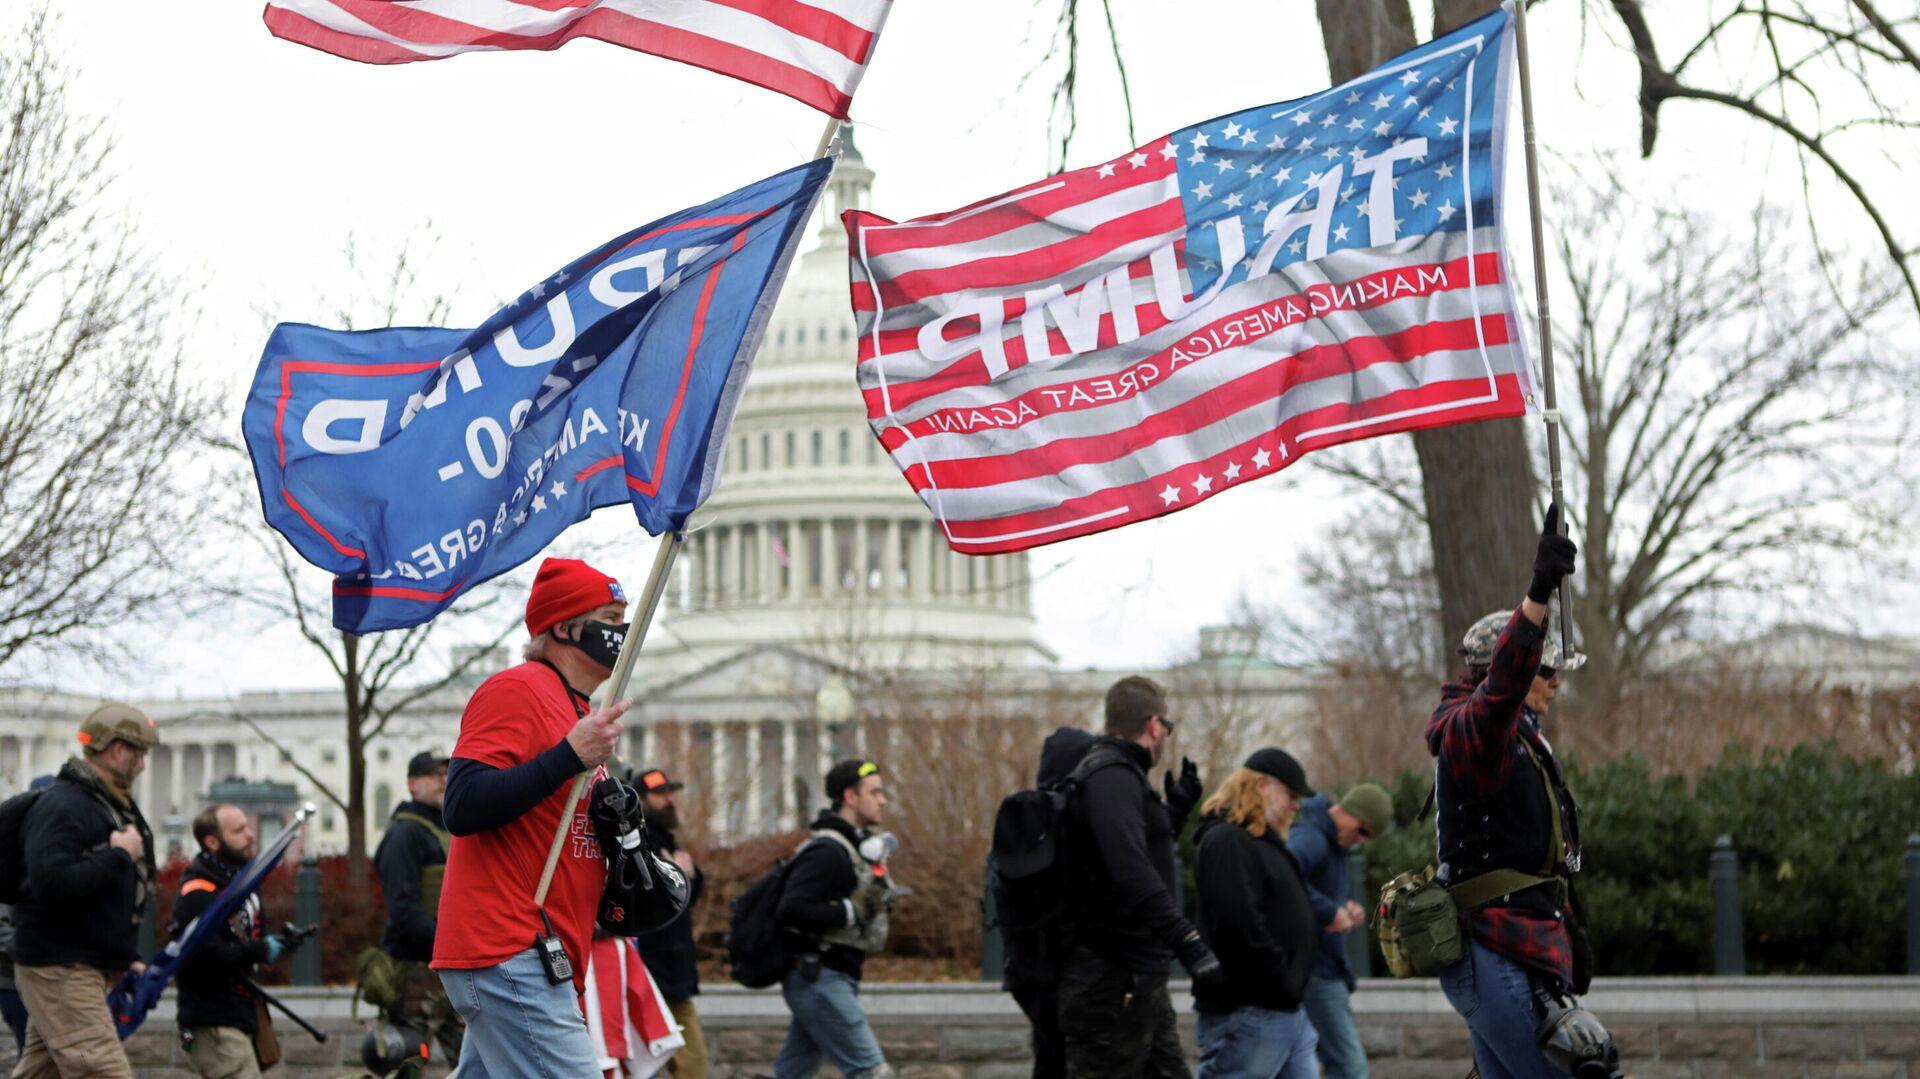 Сторонники Дональда Трампа у здания Конгресса США в Вашингтоне - РИА Новости, 1920, 14.01.2021